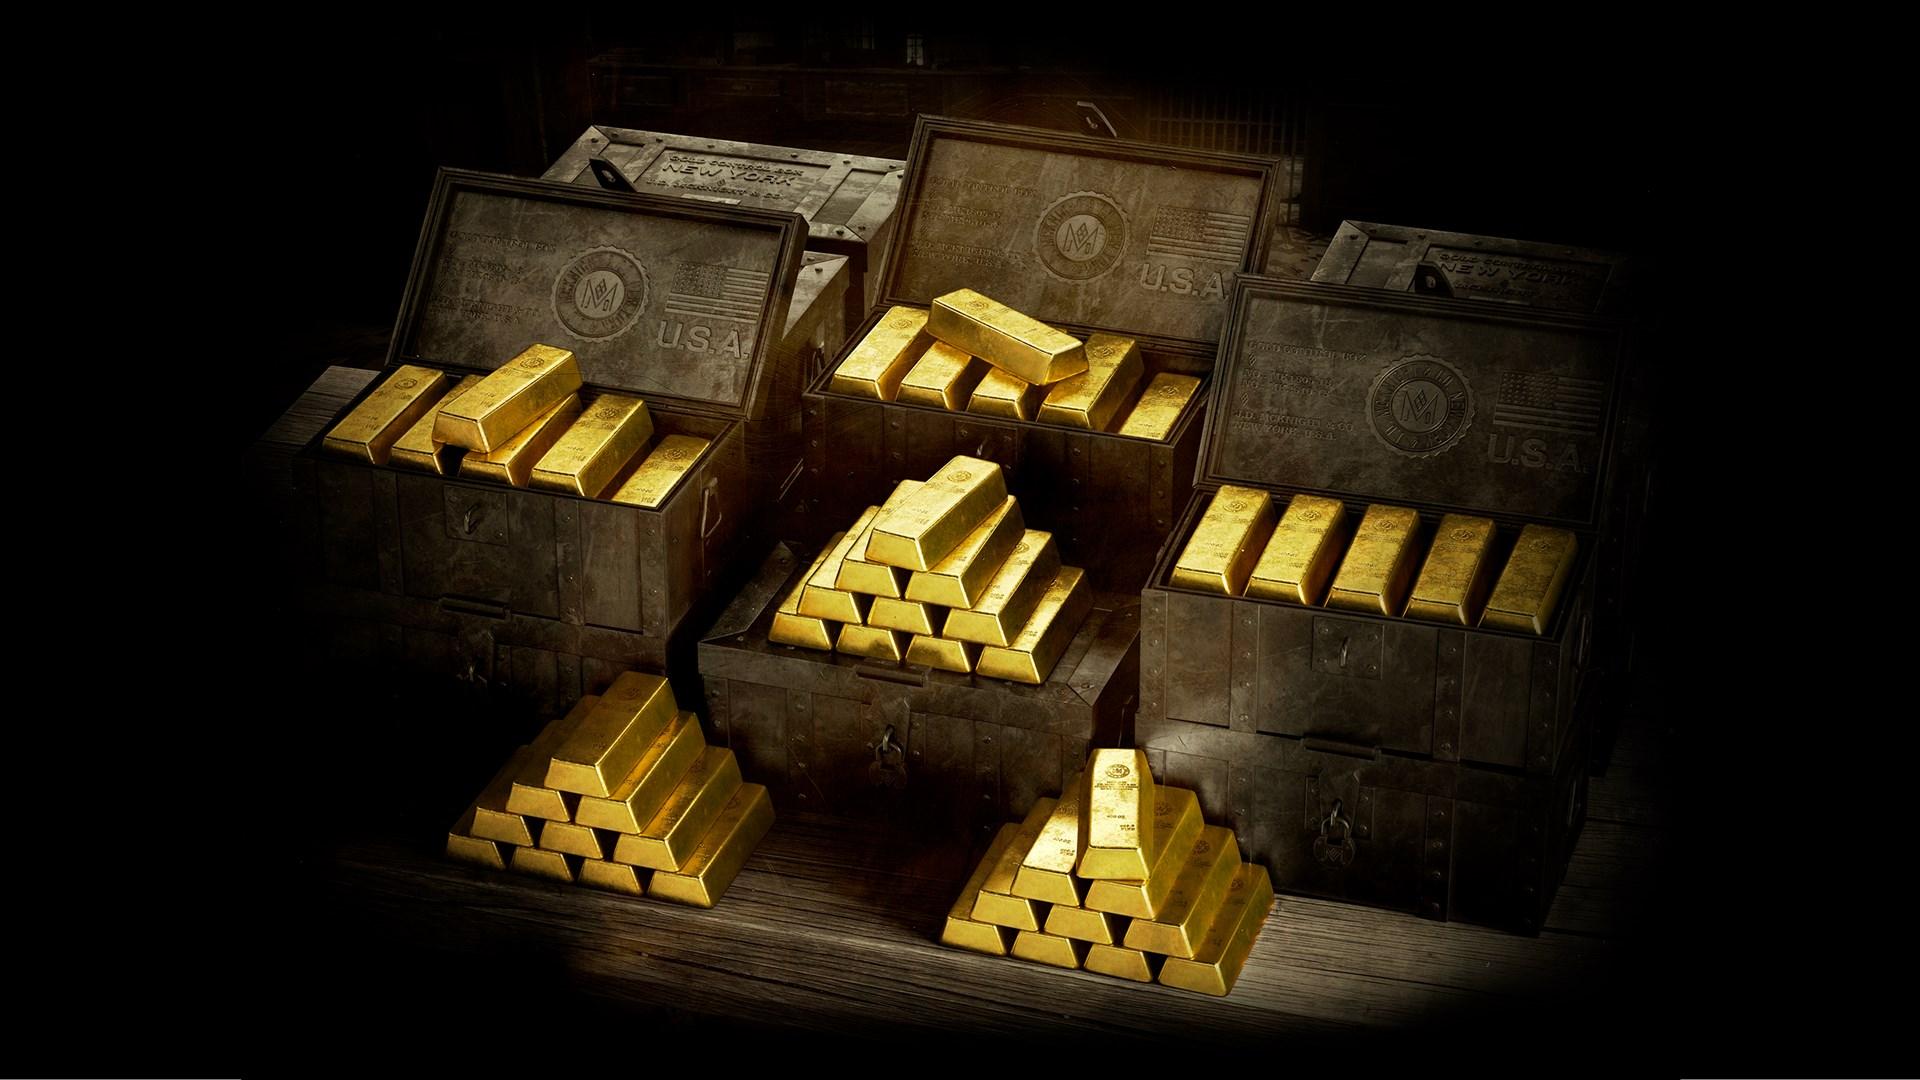 245 Gold Bars